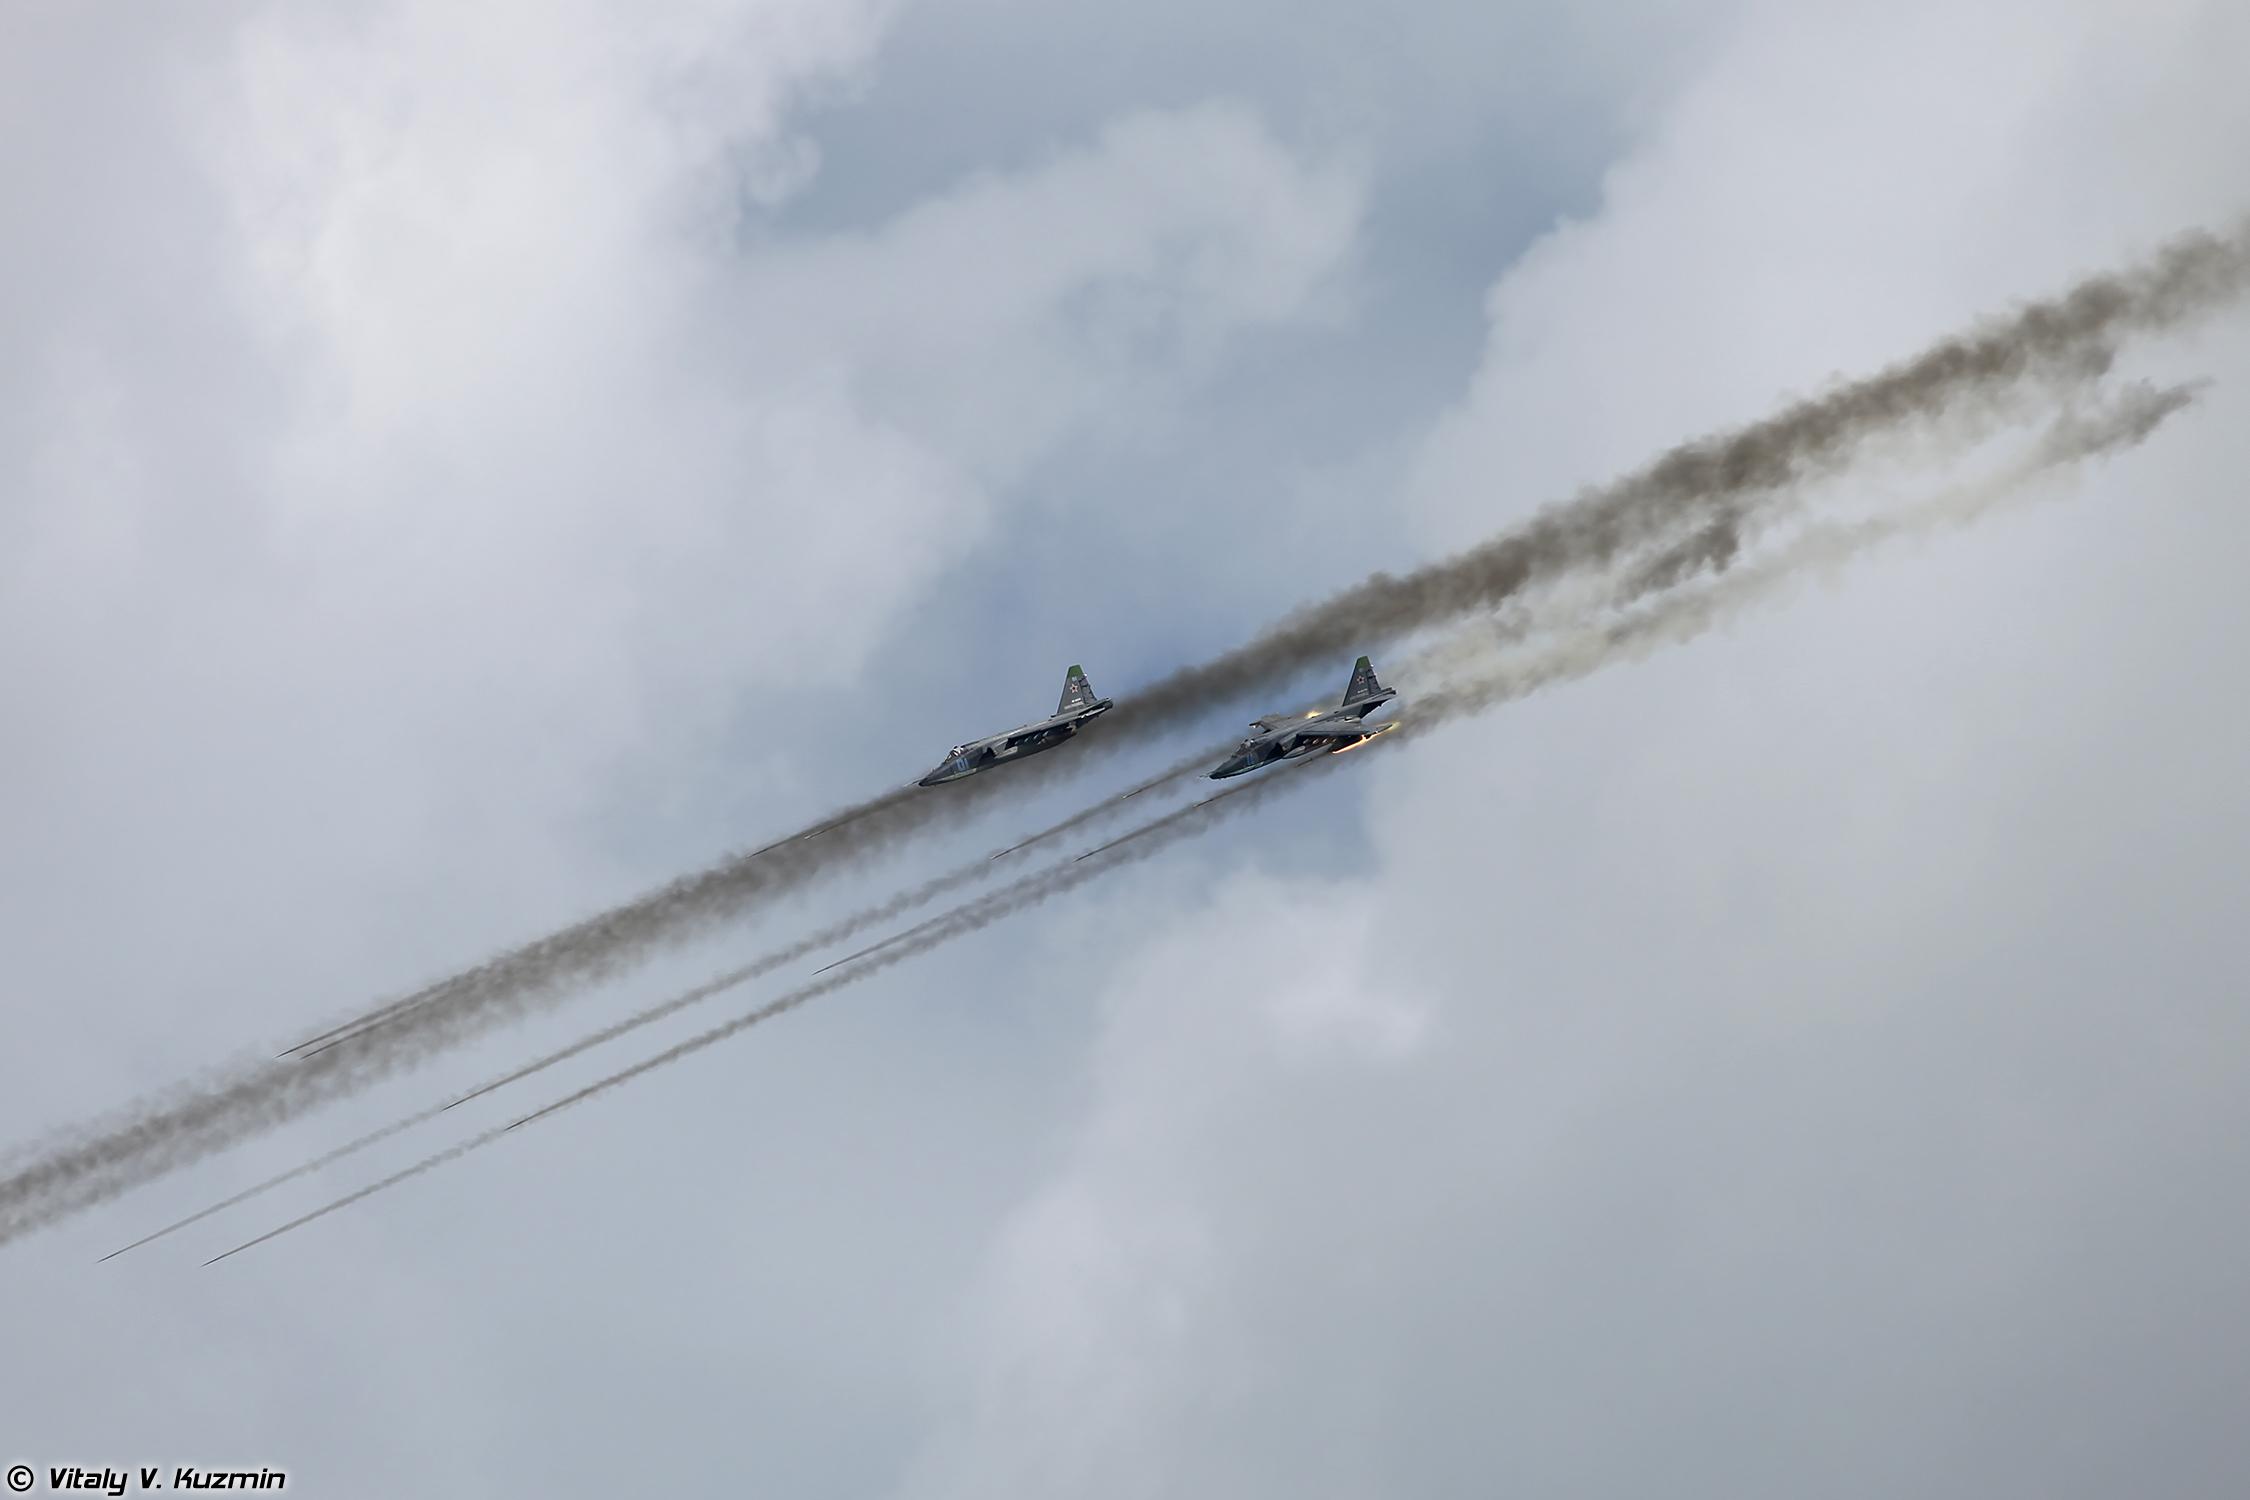 Staf umum Turki mengatakan bahwa serangan udara Rusia tak sengaja menewaskan tiga orang tentara Turki dan melukai 11 personel lainnya di Suriah utara.